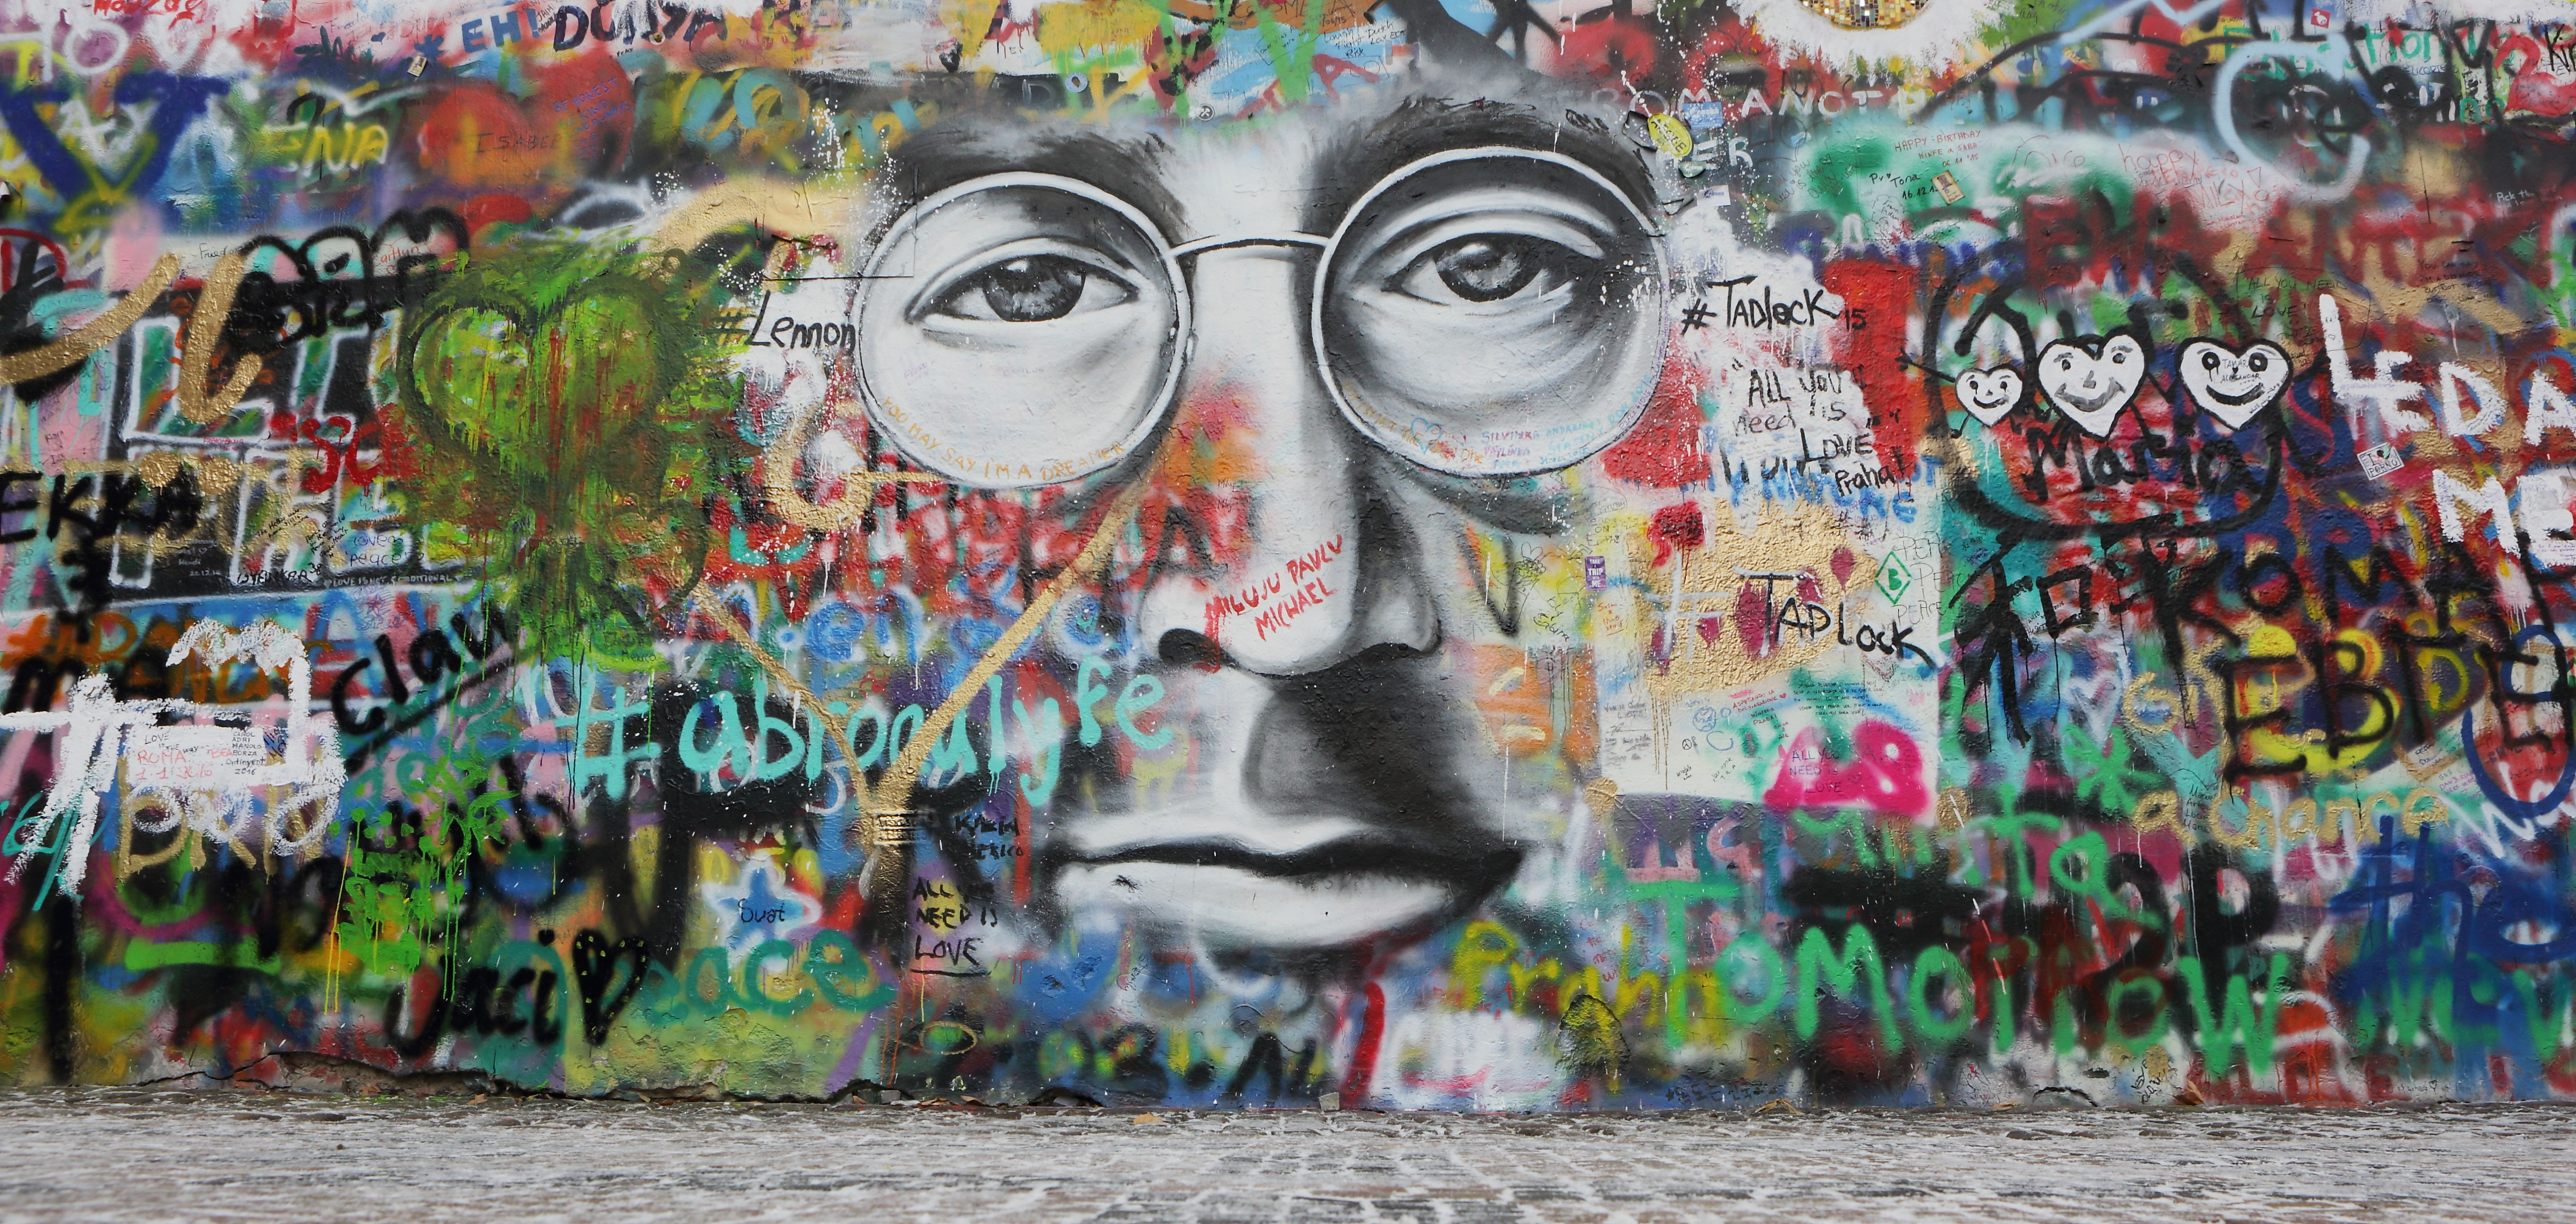 History John Lennon Level 1 Activity For Kids